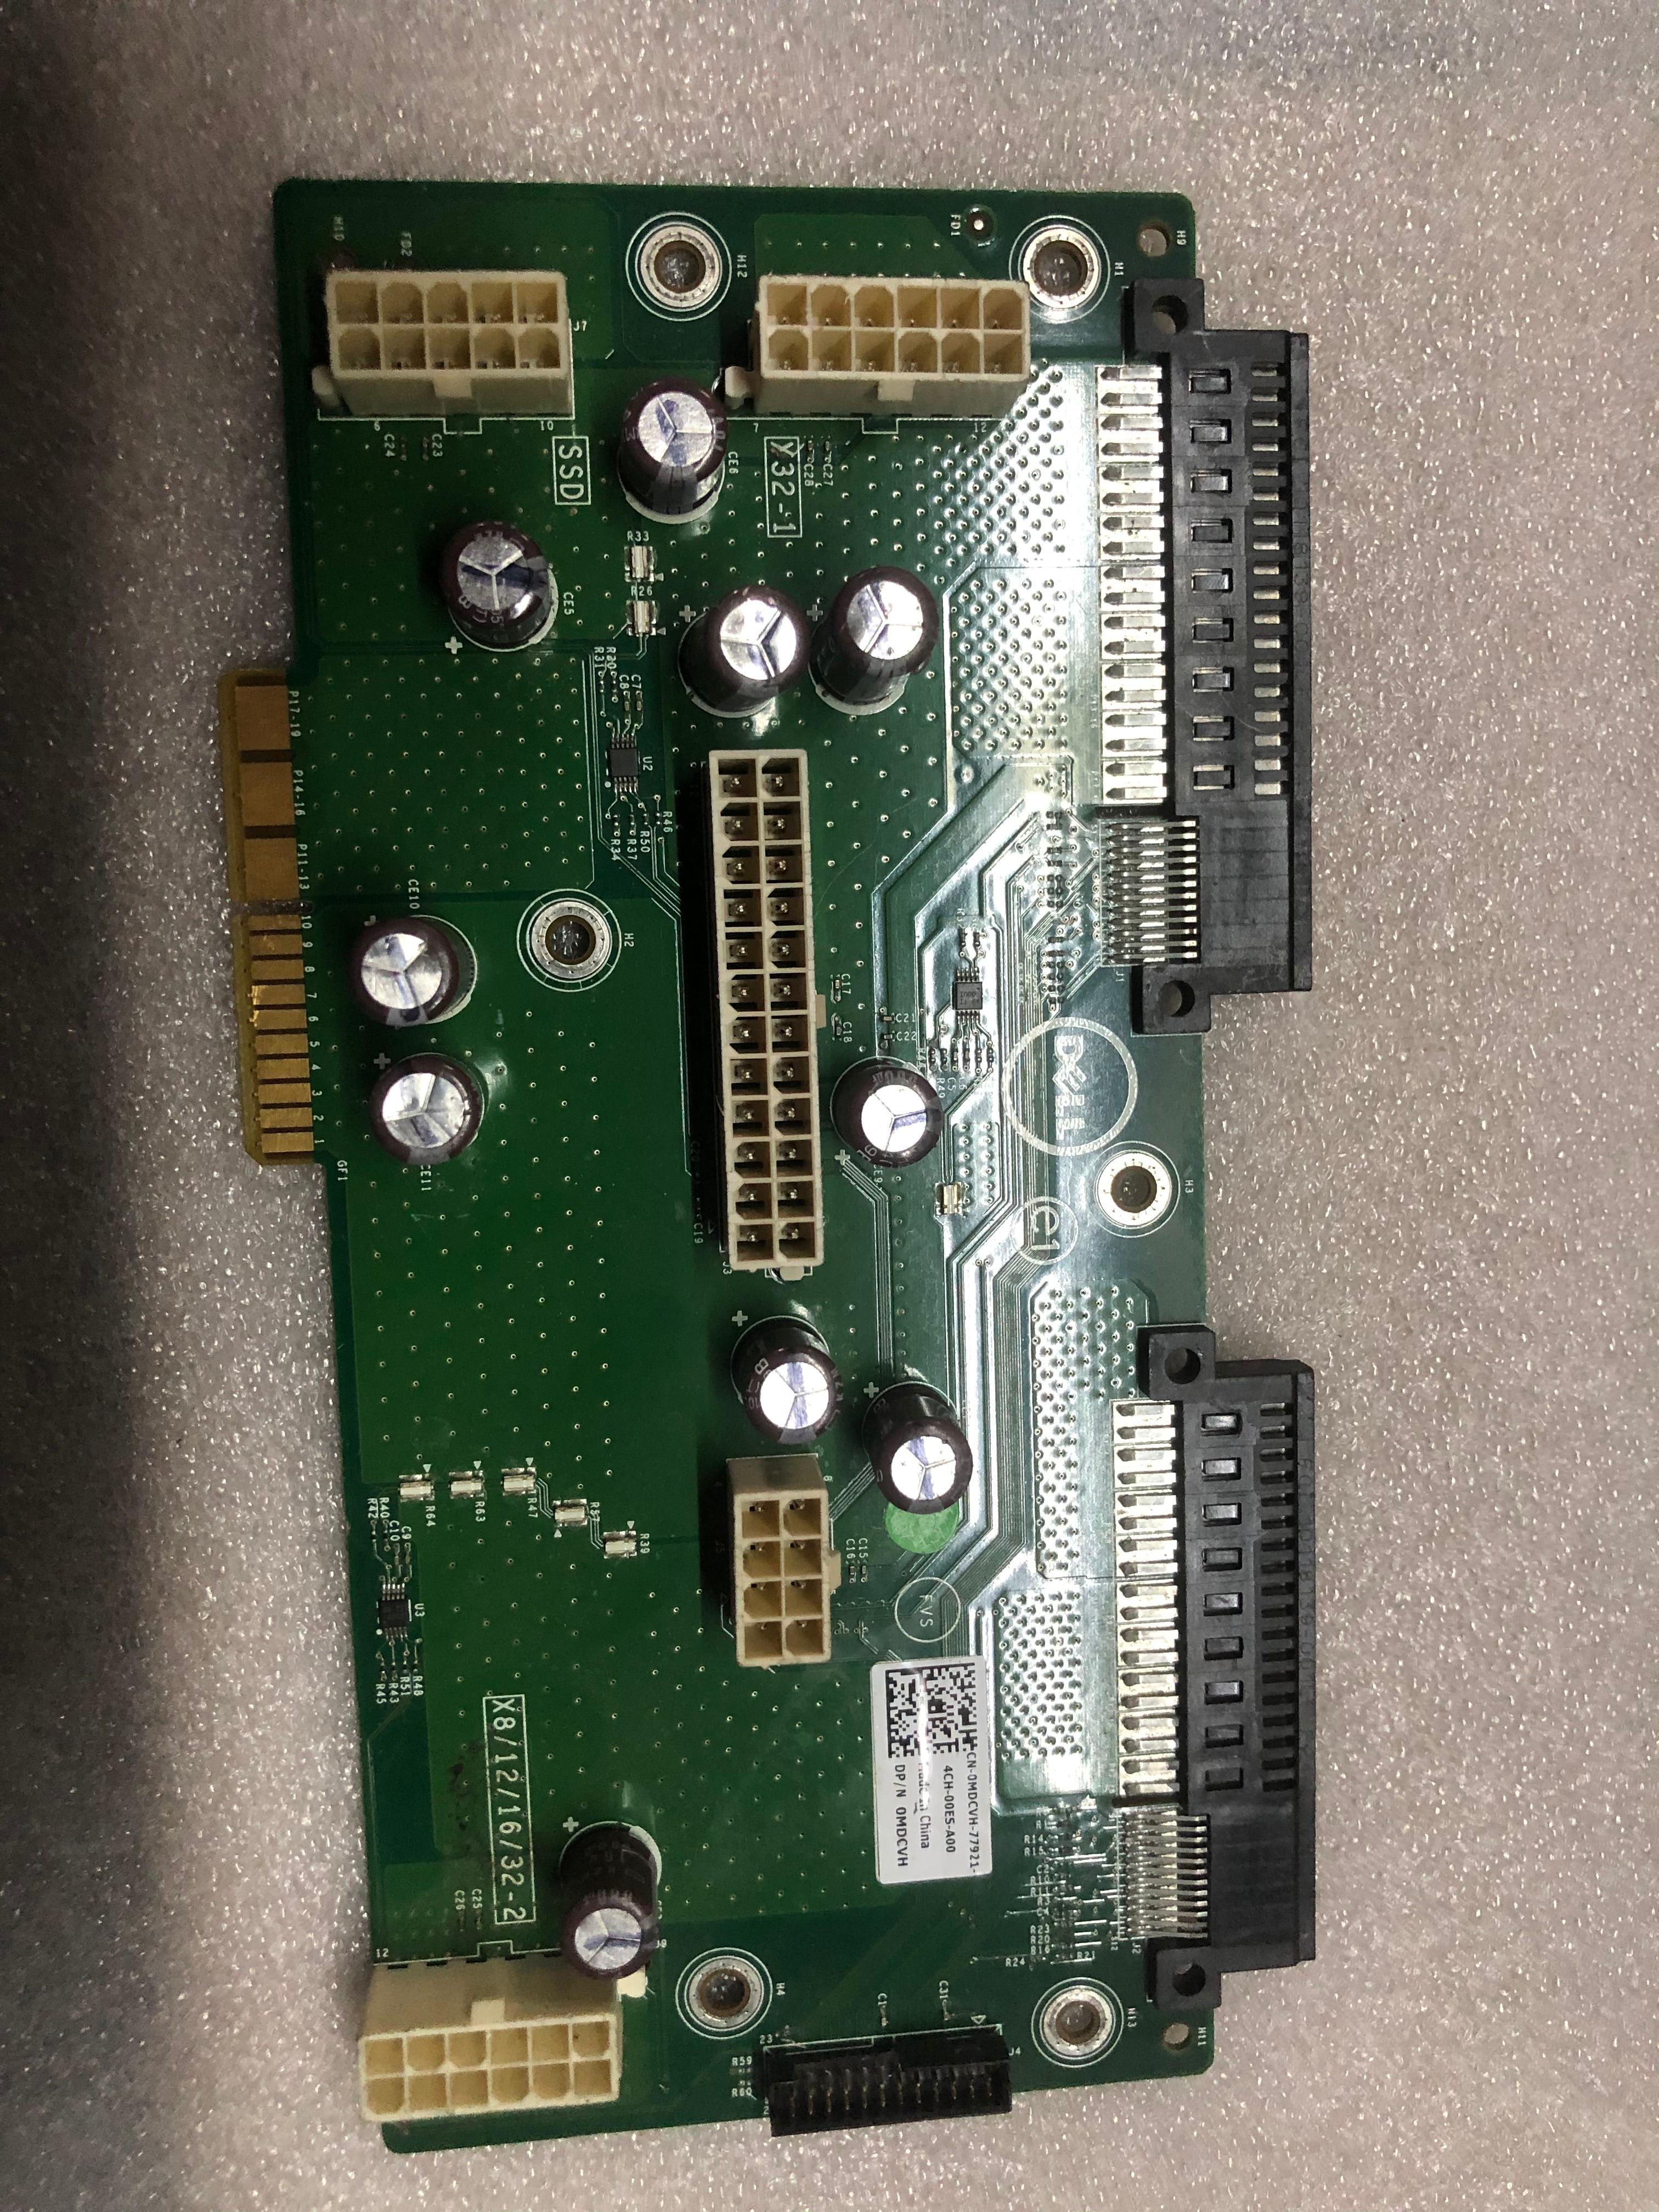 لتوزيع الطاقة-لوحة Dell لـ Poweredge/t620 0mdcvh/Mdcvh/Cn-0mdcvh/مختبرة بالكامل